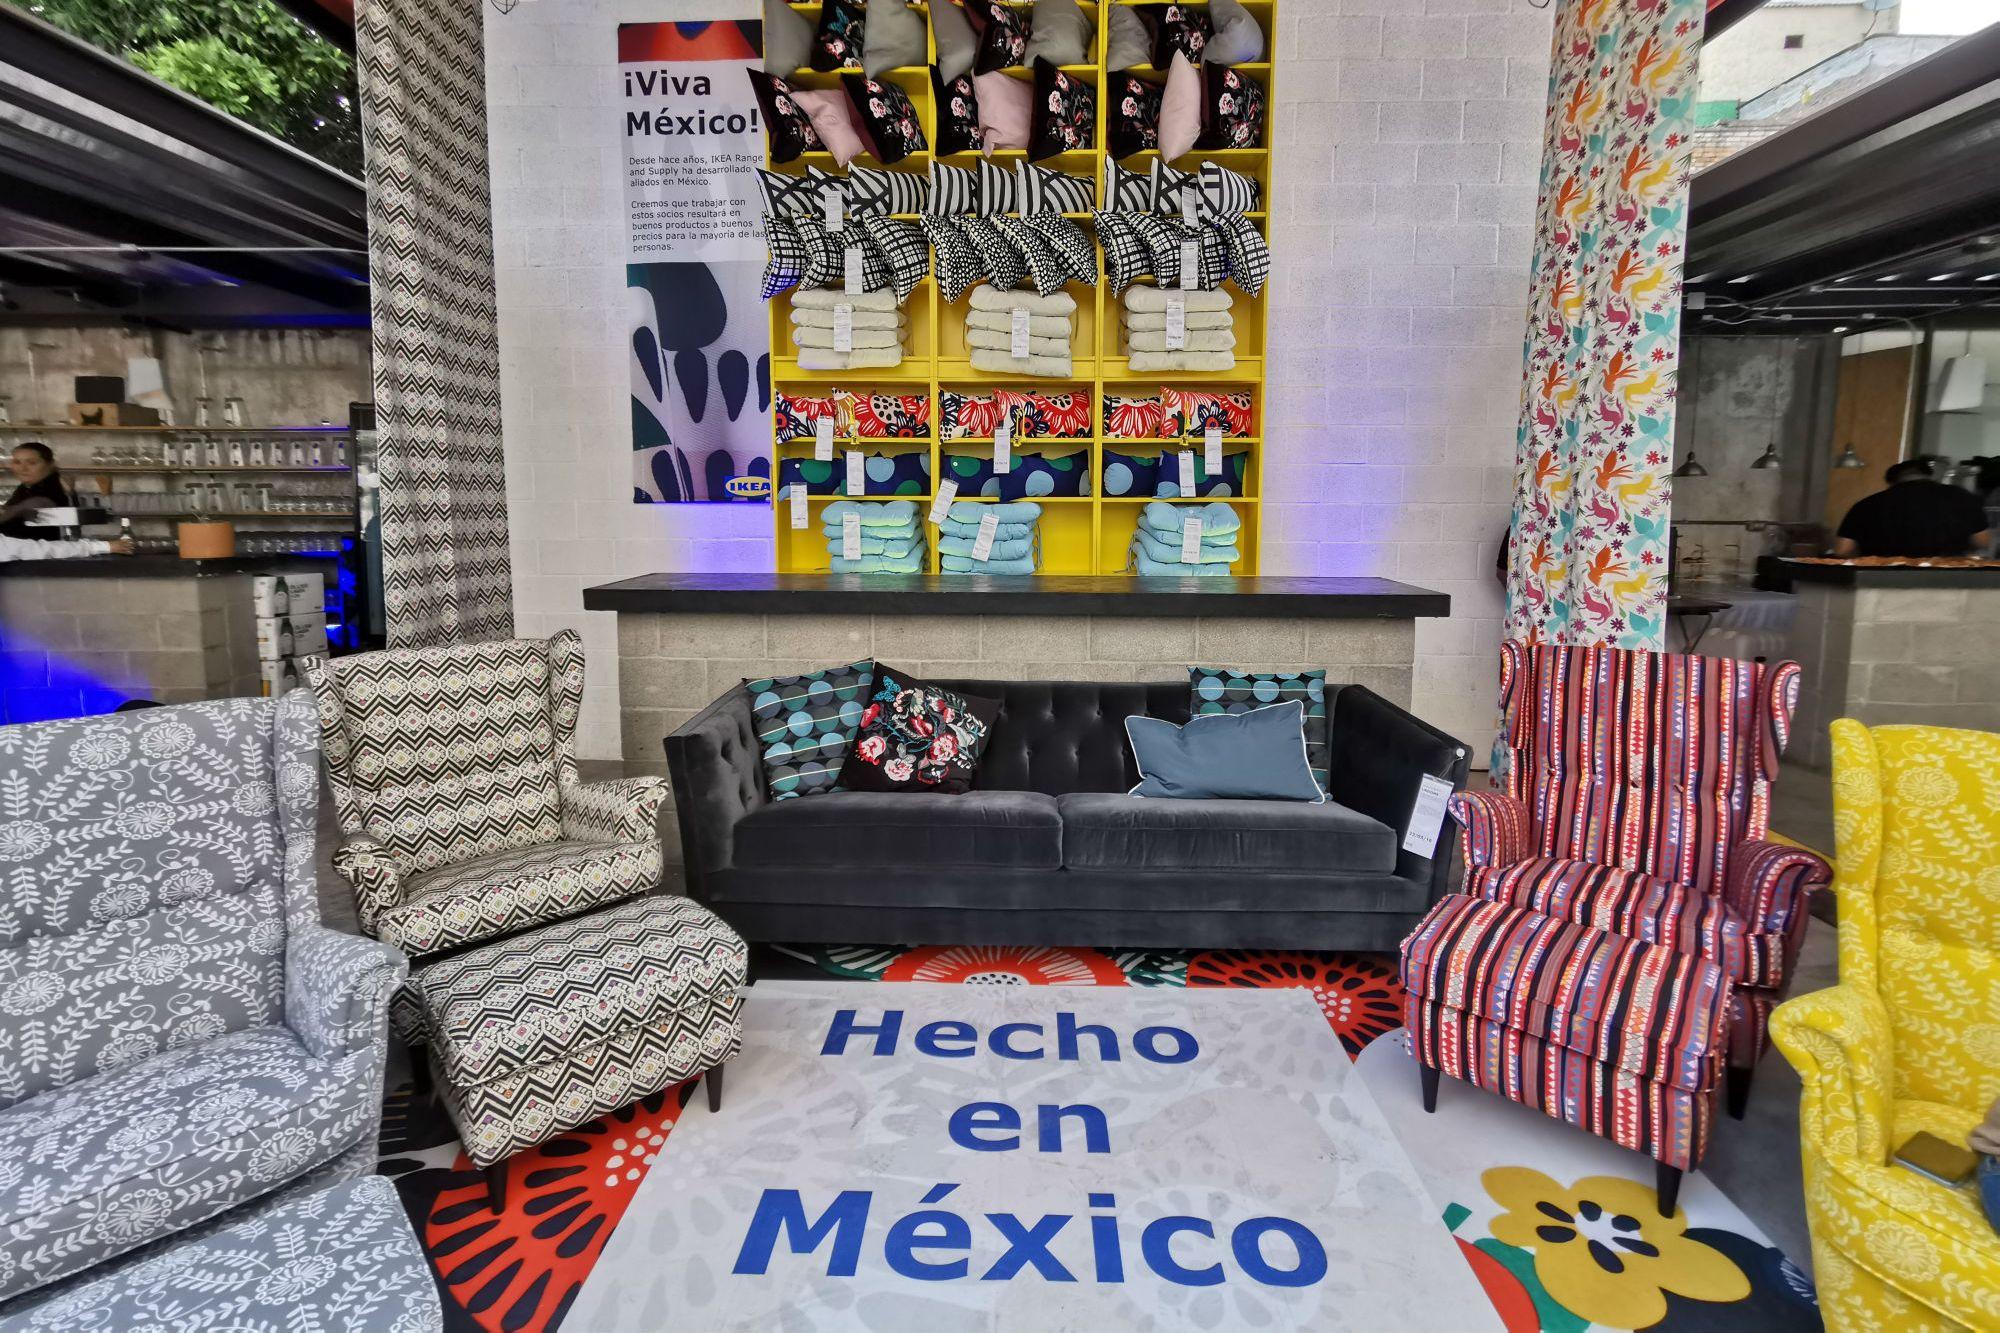 Todo lo que debes saber sobre dónde estará y cuándo abrirá la primera tienda de IKEA en México